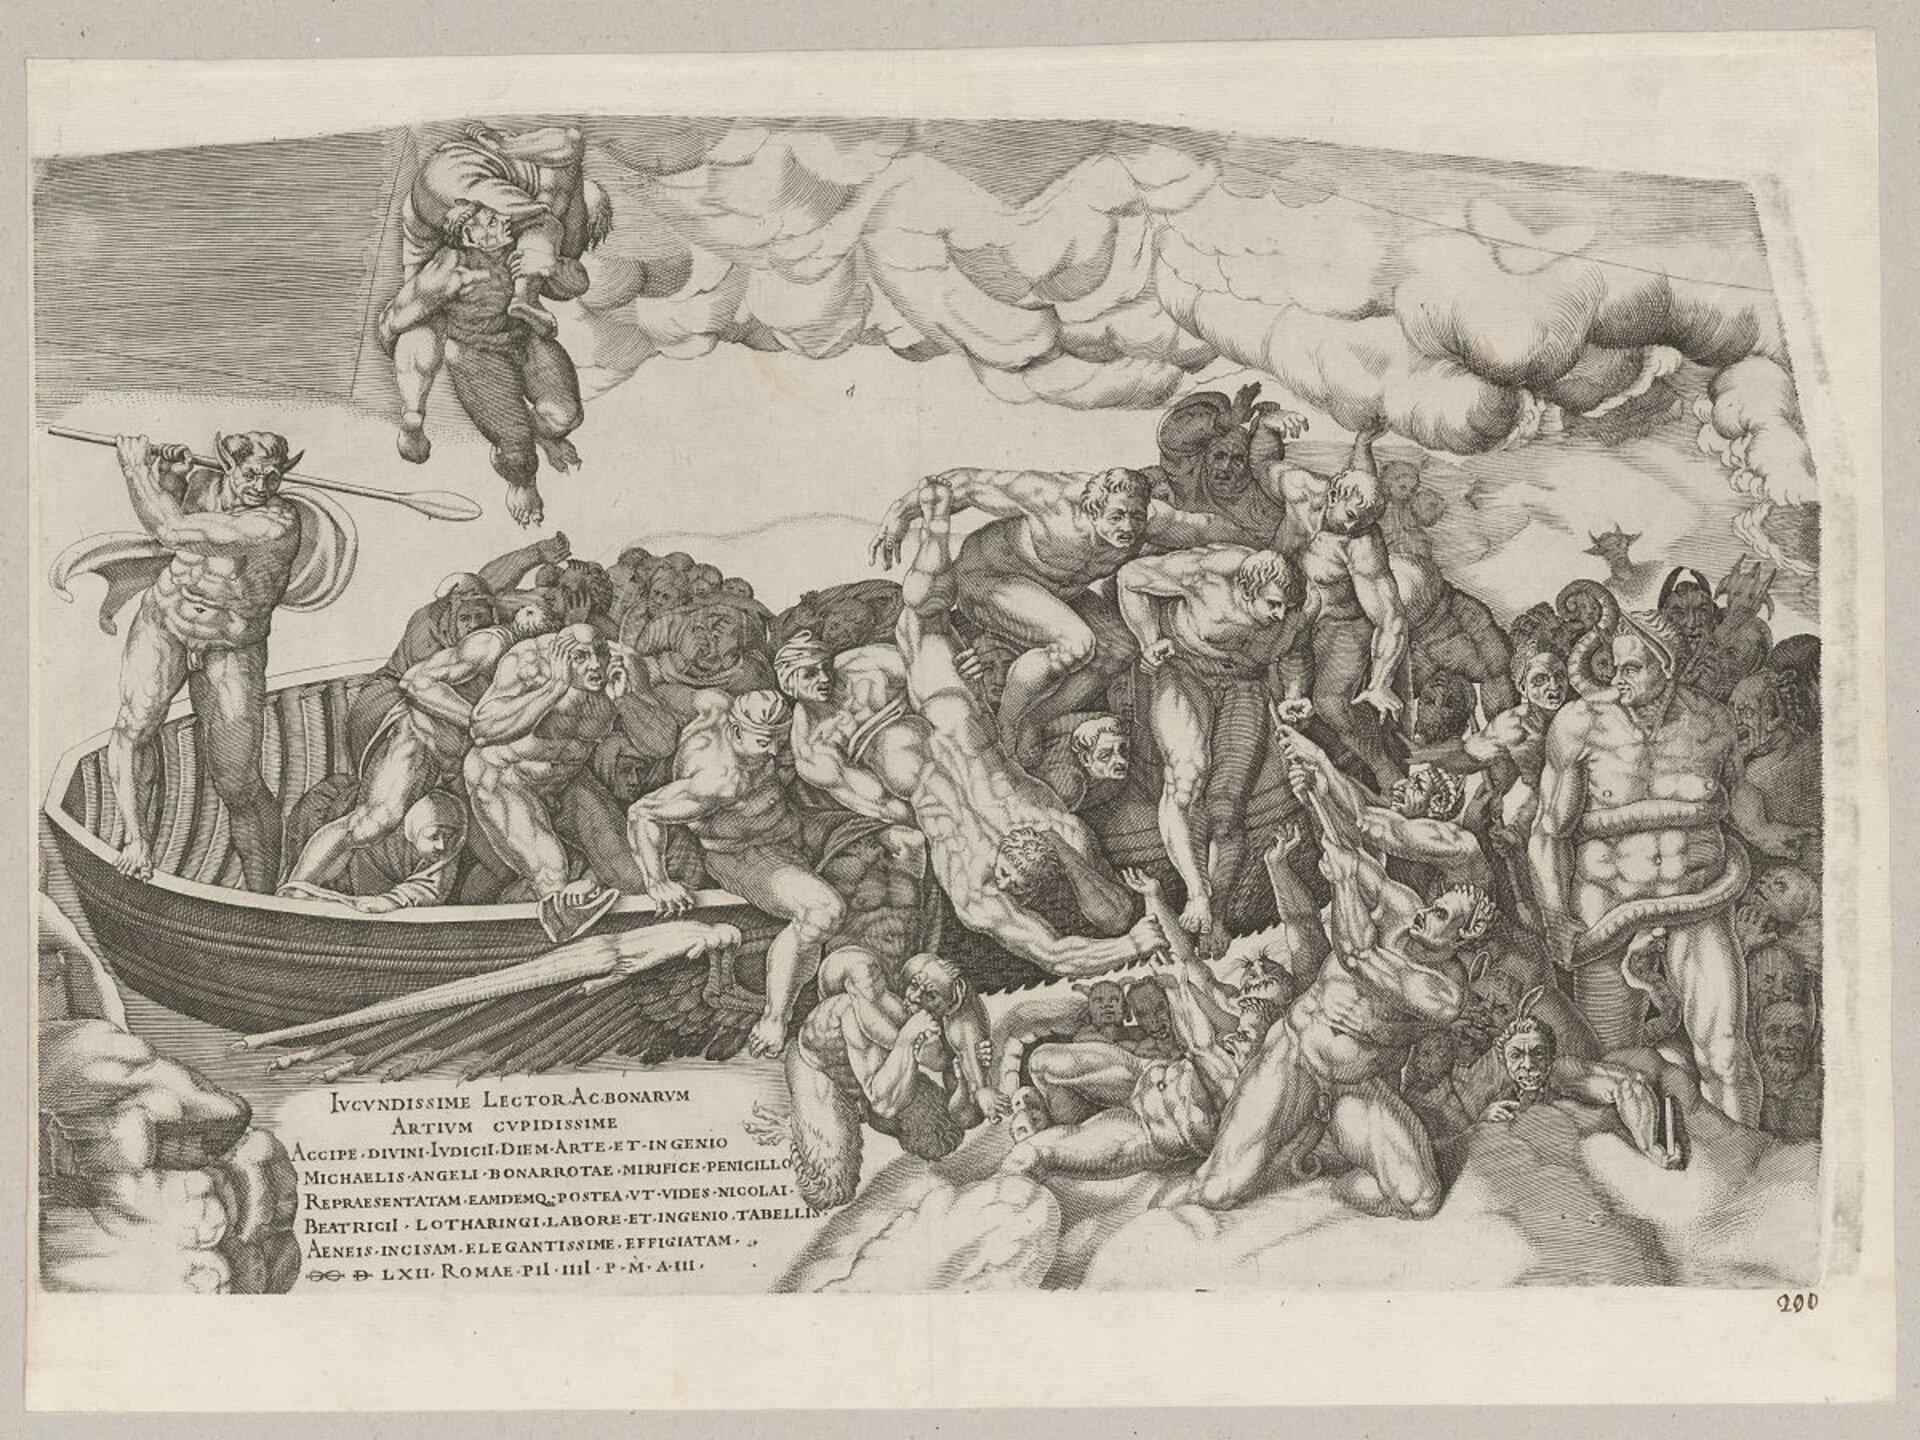 """Ilustracja przedstawia miedzioryt Nicolasa Beatrizeta """"Sąd Ostateczny wg Michała Anioła. Łódź Charona"""". Ukazuje przeprawę grzeszników łodzią przez Styks. Złodzi wychodzą nadzy mężczyźni. Będący na zewnątrz pomagają wyciągać innych członków załogi. Niektórzy walczą między sobą. Po lewej strony włodzi stoi Charon. Wiosłem pogania mężczyzn. Wdolnej części, po lewej stronie znajduje się opis."""